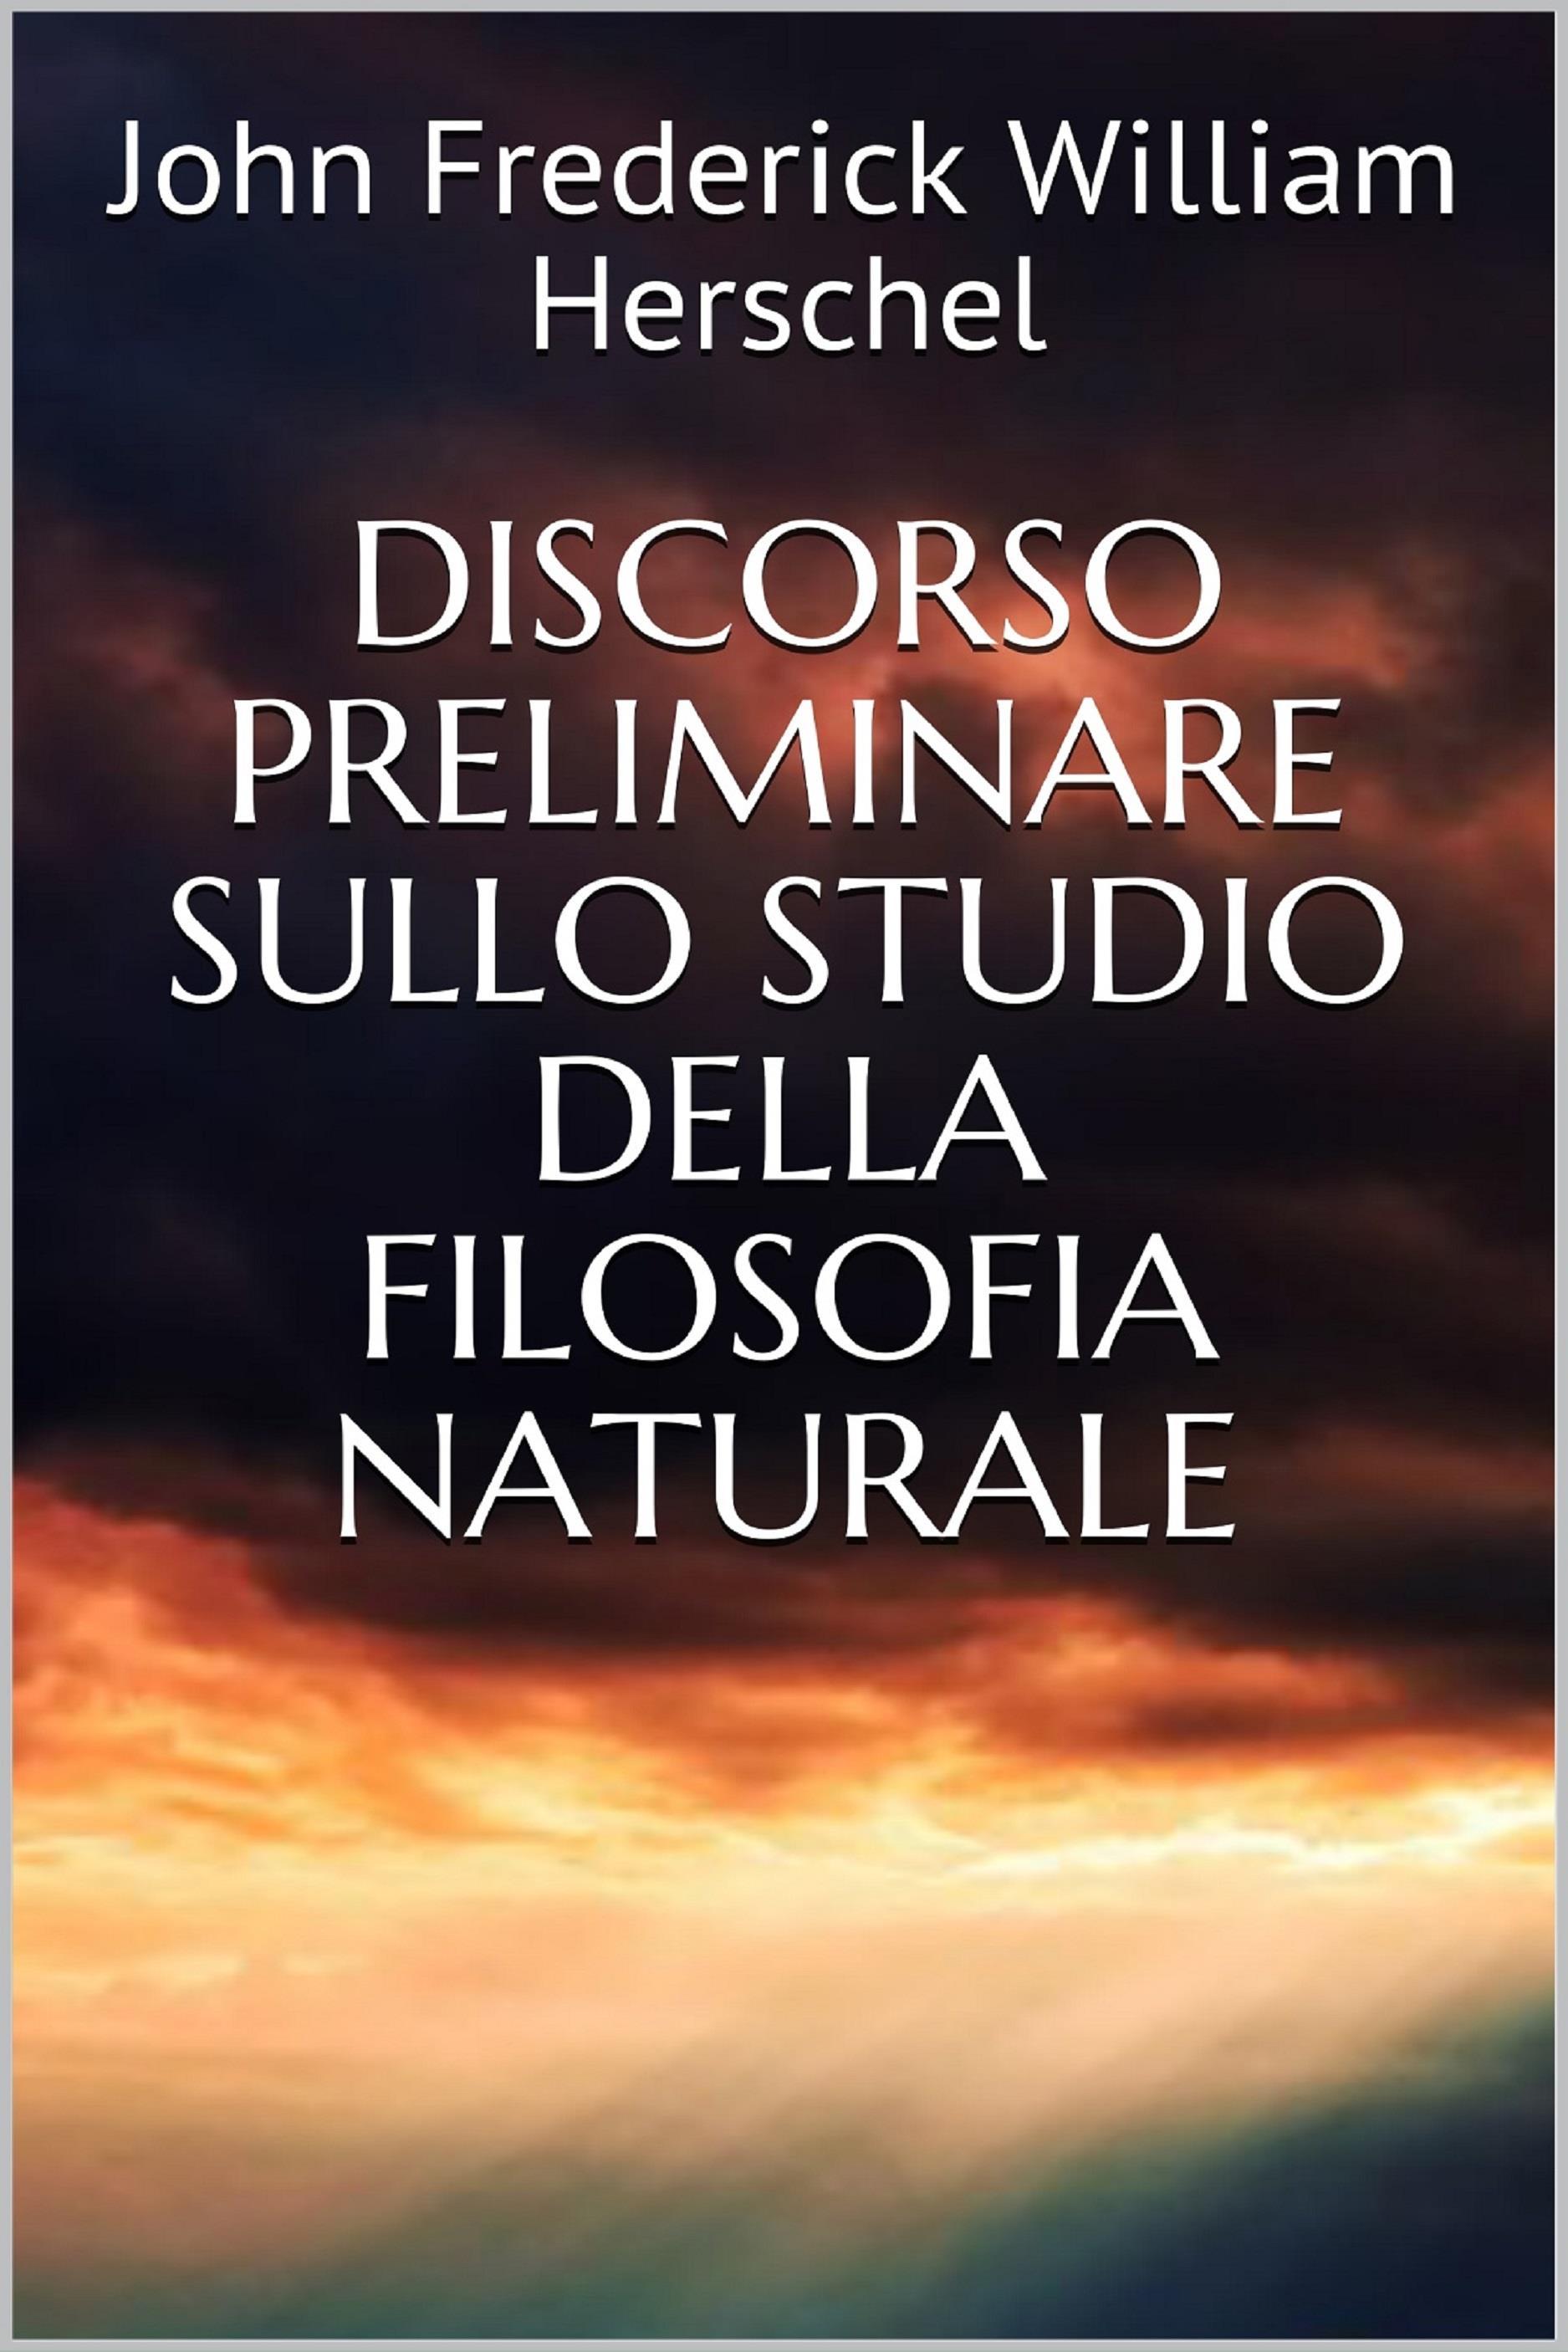 Discorso preliminare sullo studio della filosofia naturale